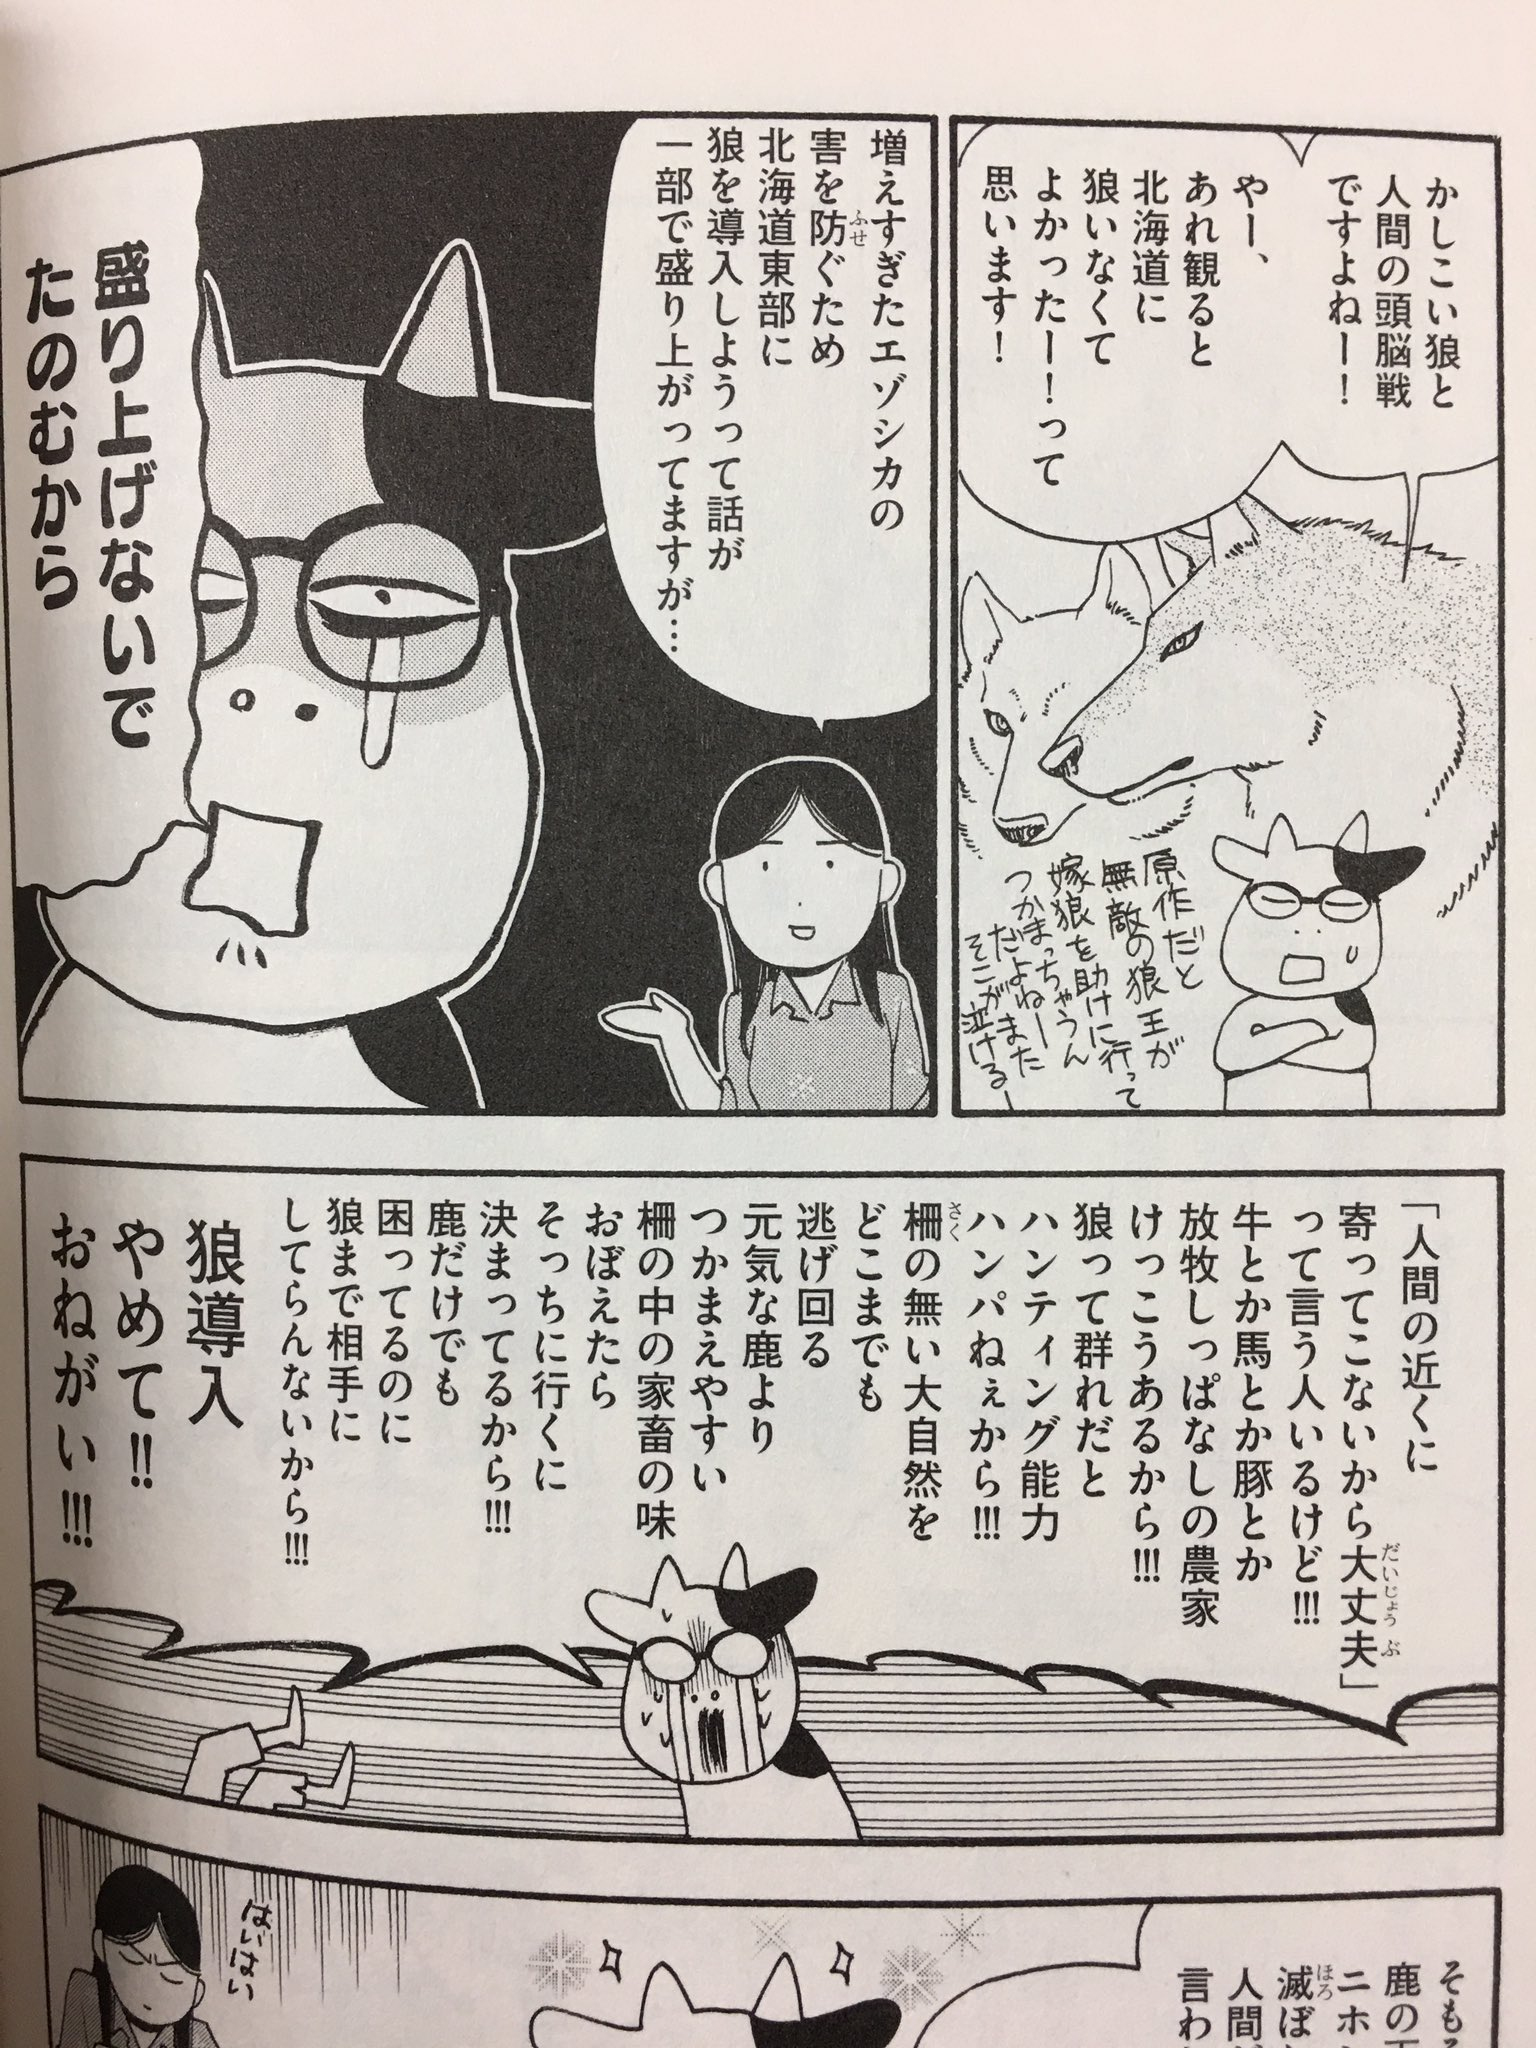 狼再導入説に対し、鋼の錬金術師の作者で実家が北海道の農家の立場から反対してる荒川先生の意見がかなり正論な感じがする。